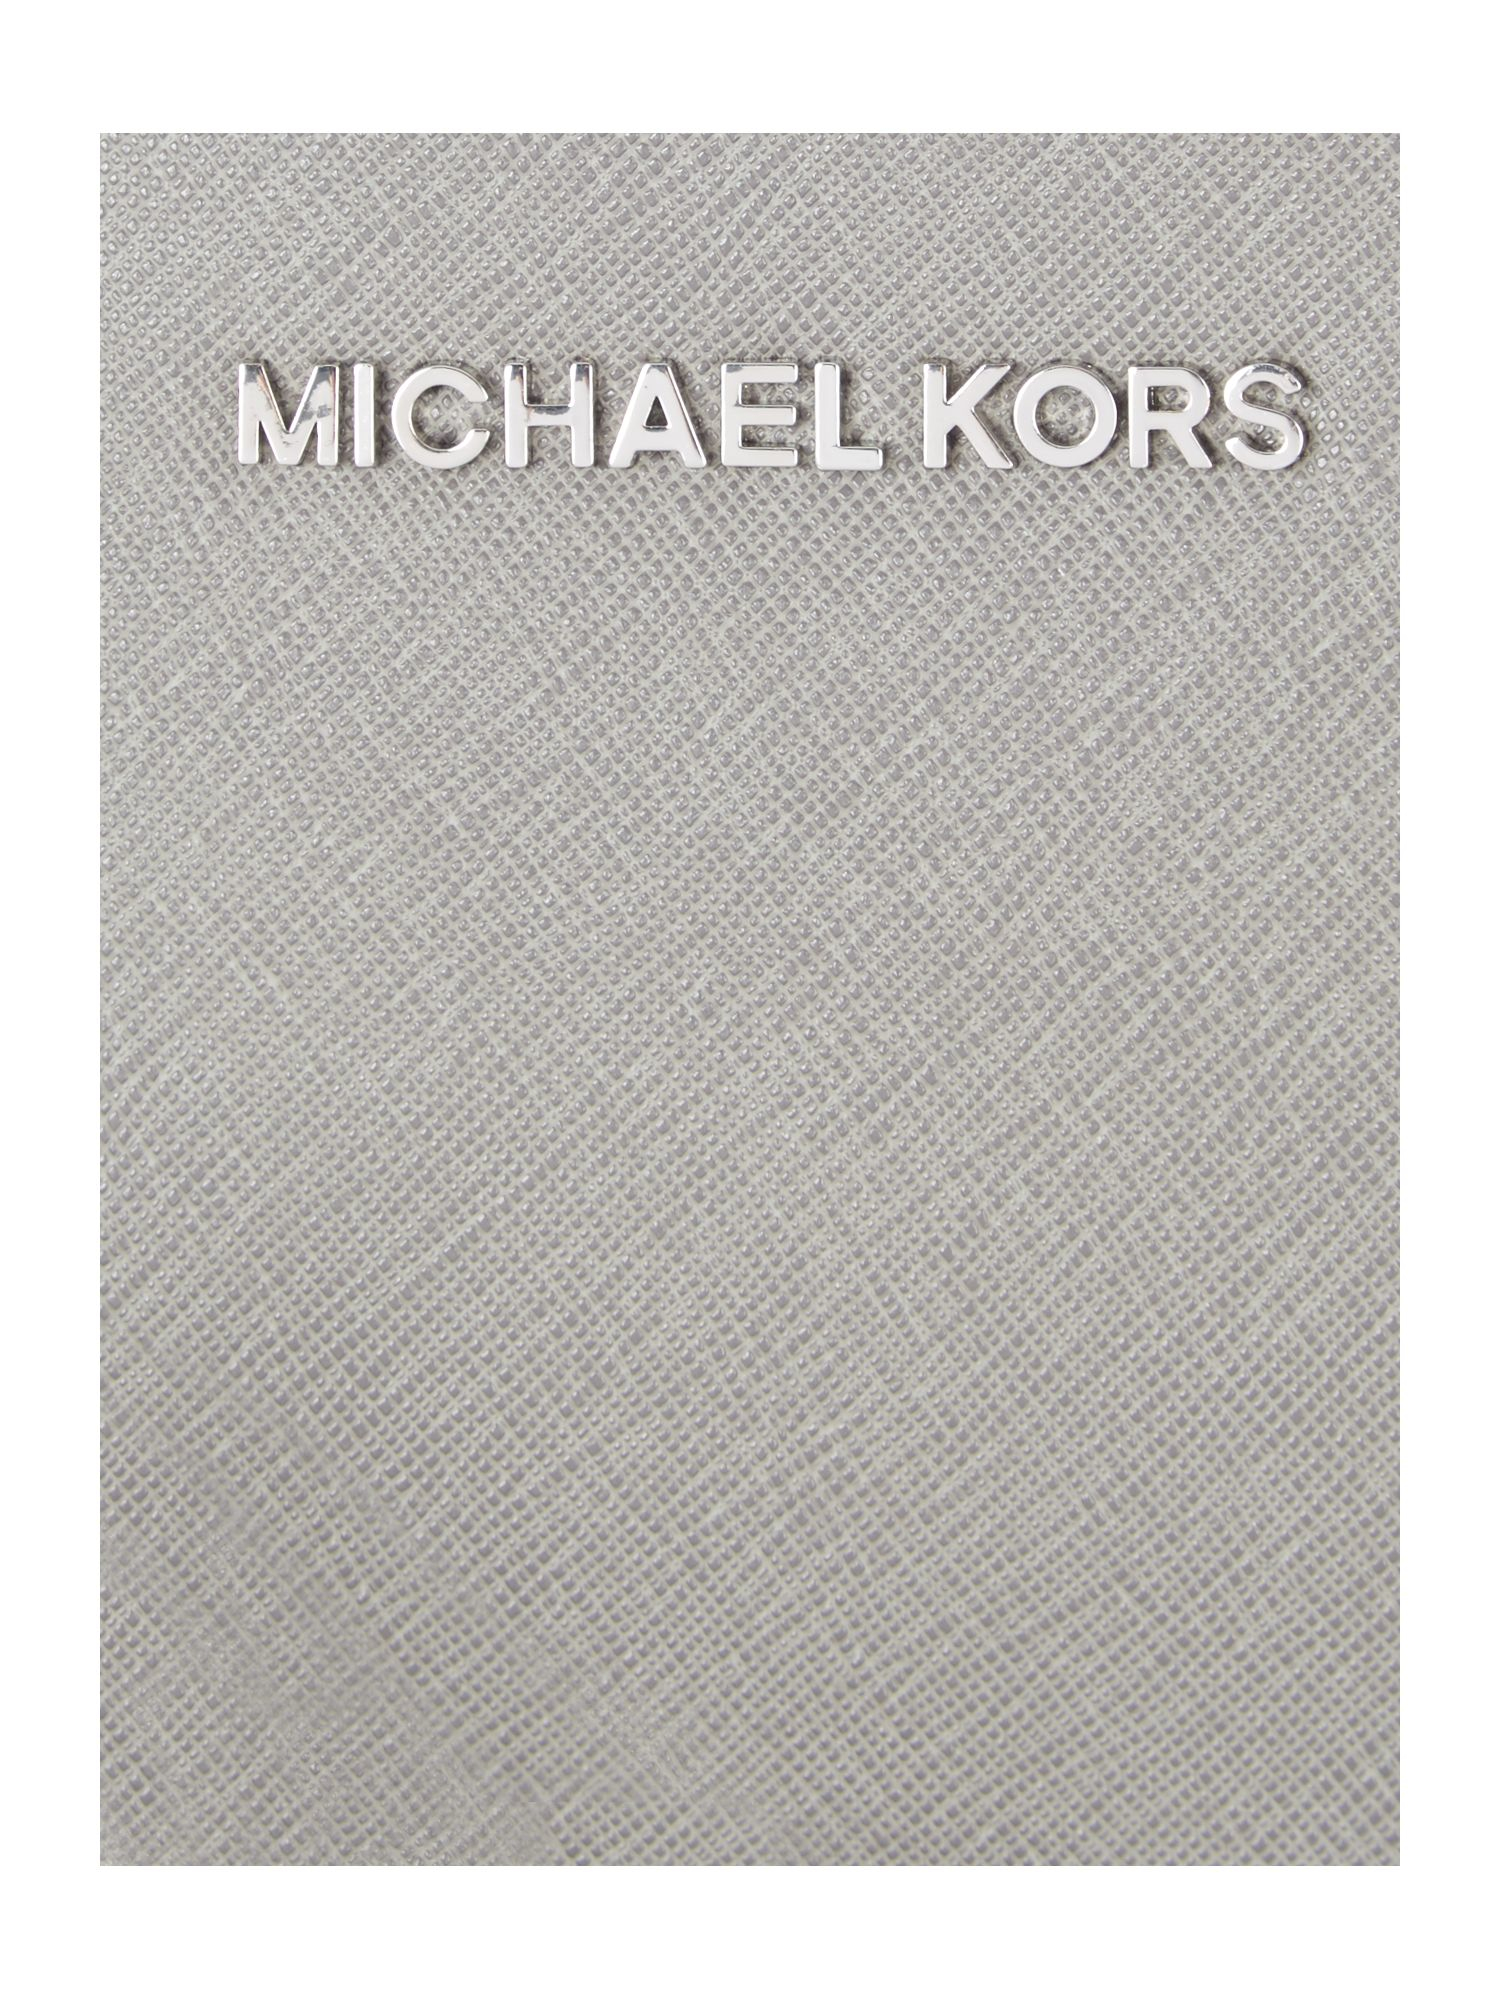 Michael Kors Selma Grey Large Tote Bag in Grey